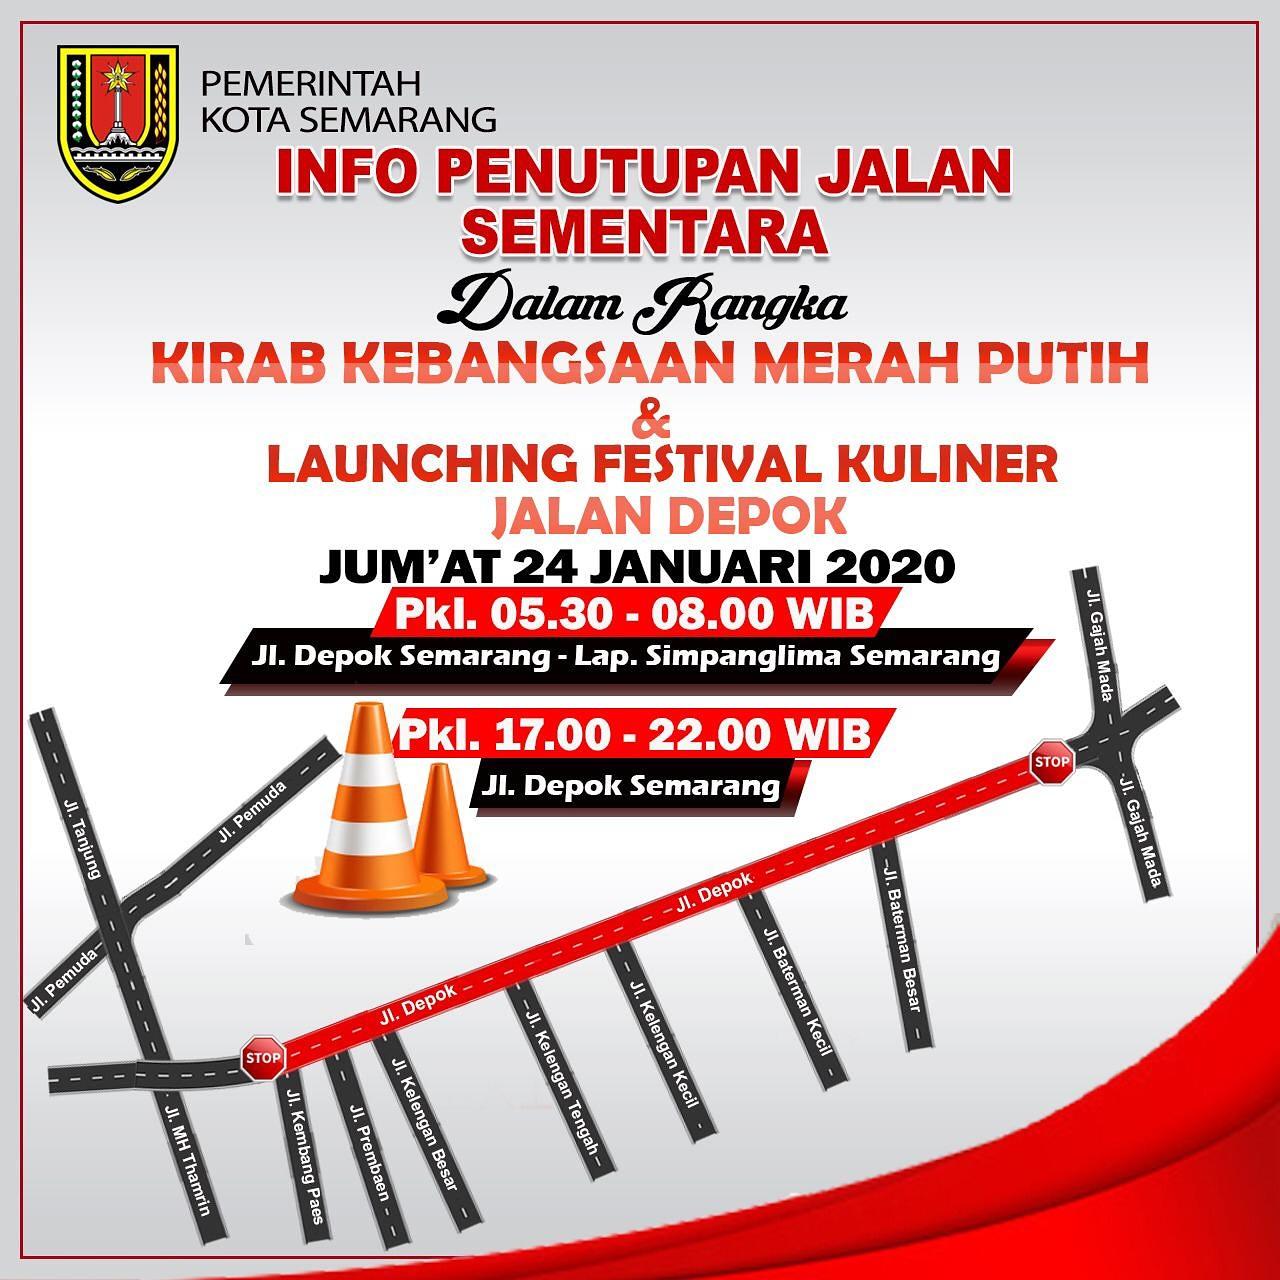 Pemkot Semarang : Penutupan Jalan Sementara Di Jalan Depok